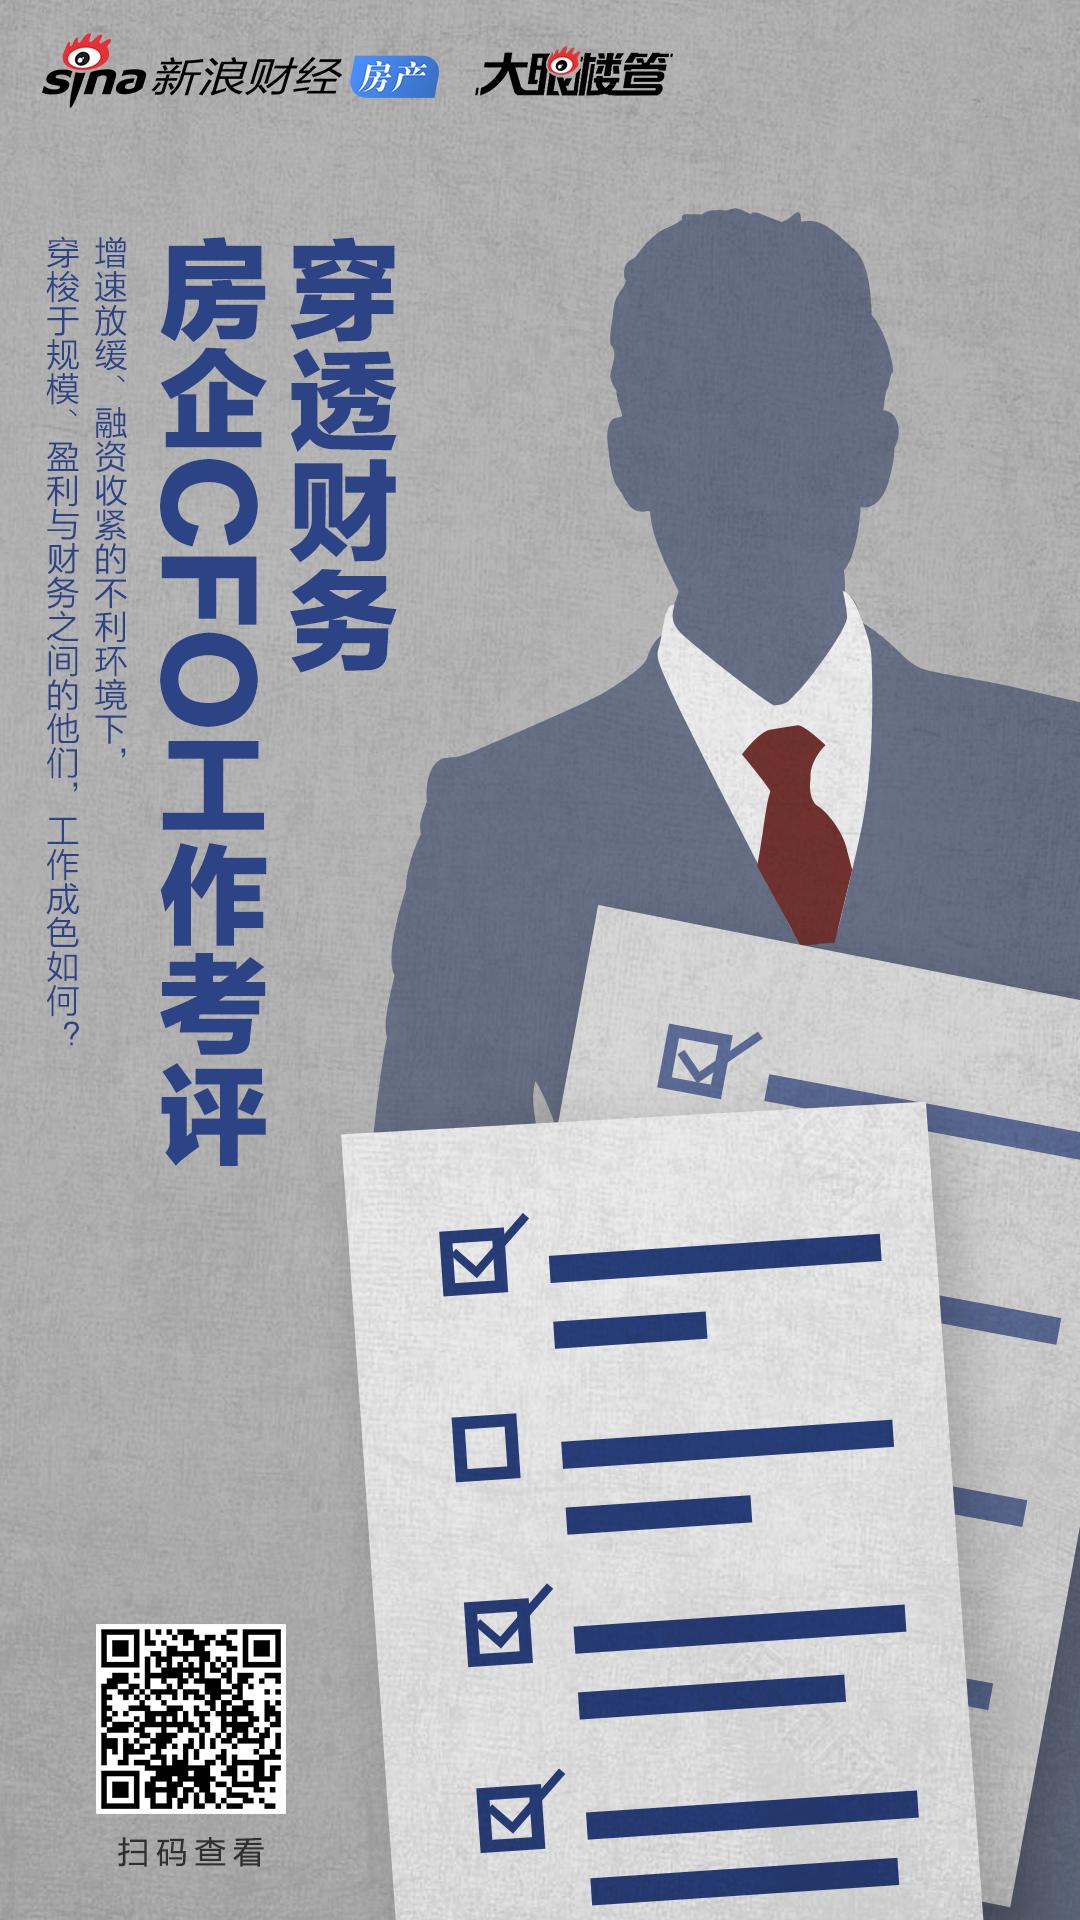 穿透财务:房企CFO工作考评